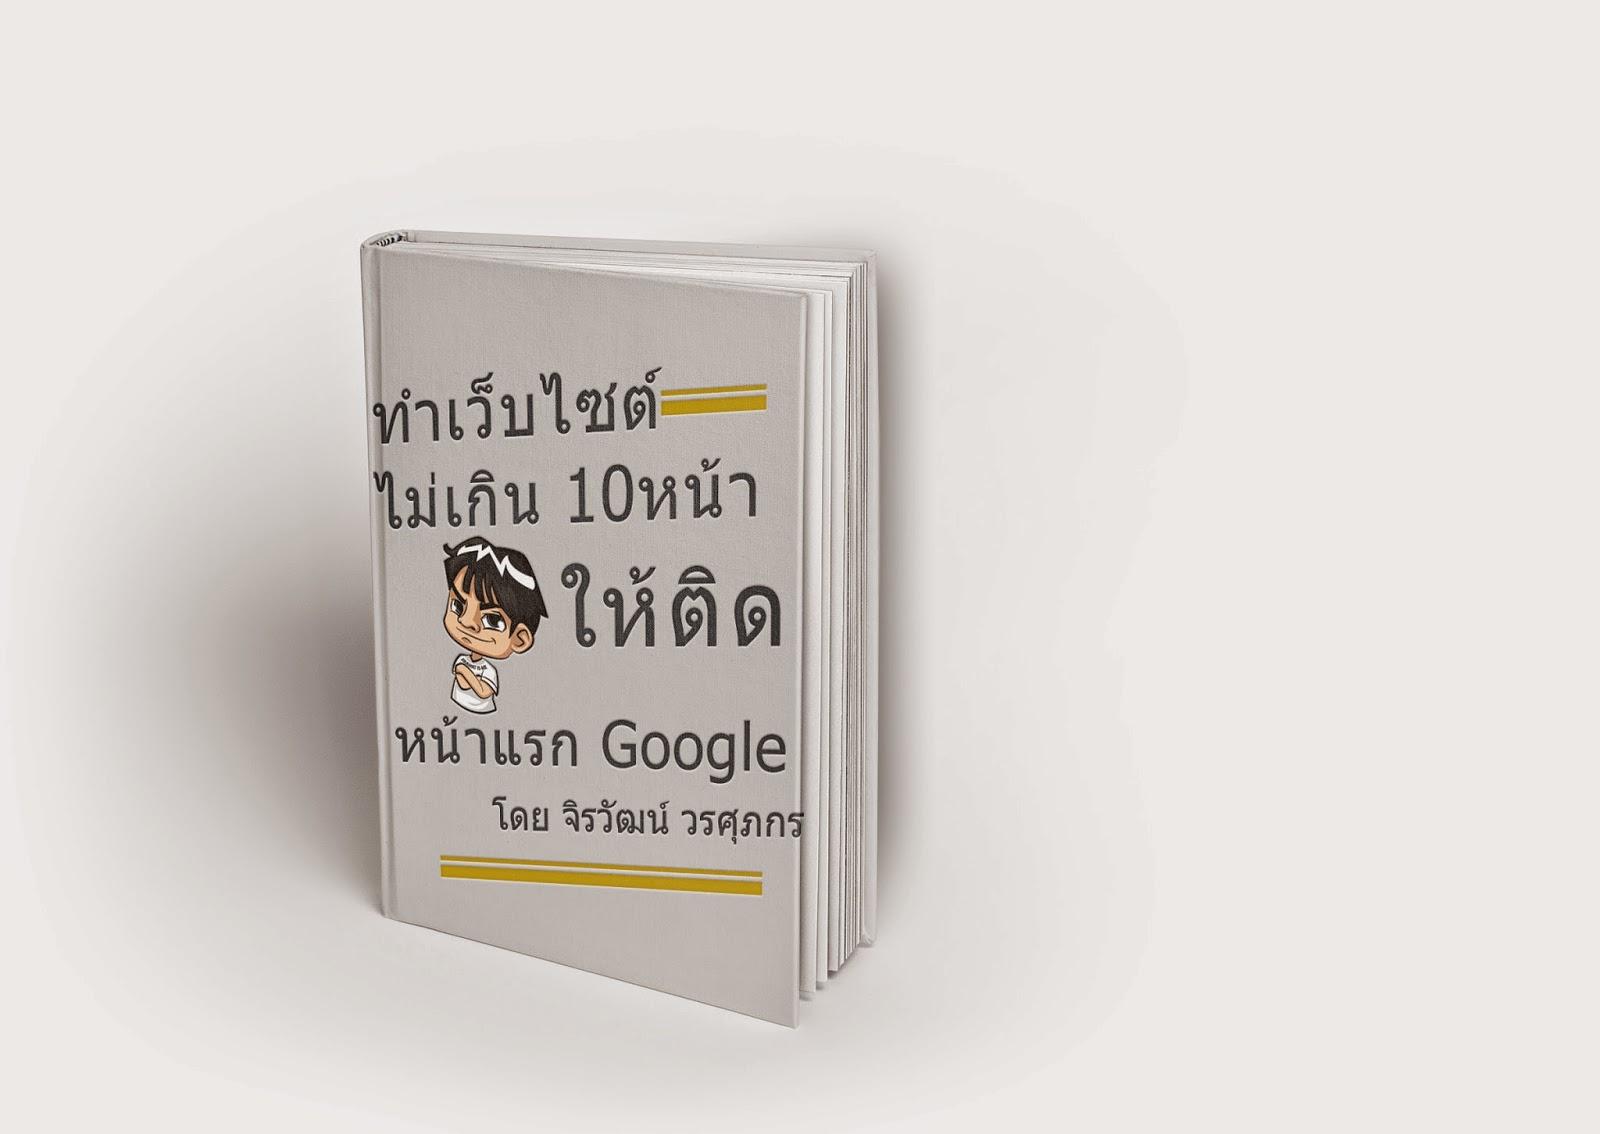 หนังสือ SEO 1 โดย Jirawat is me สอน SEO